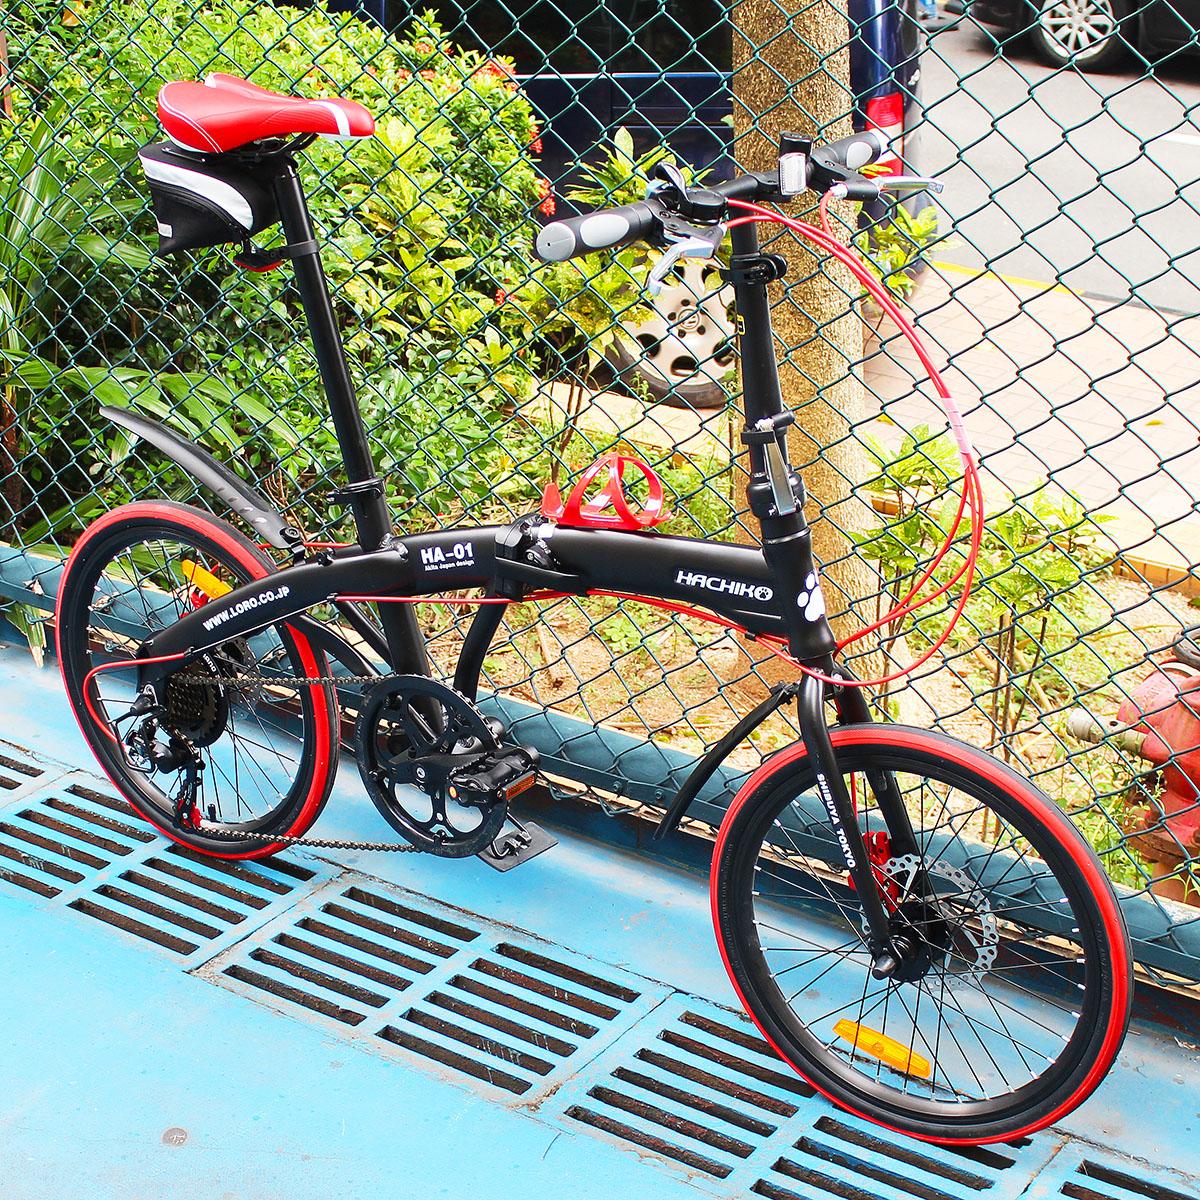 送料税込み!ハチコ HACHIKO 20インチ ジュラルミン 折り畳み自転車 SHIMANOシマノ7段 変速[98%完成品] 泥よけ付きプレゼントがあり!黒(HA01_Black)